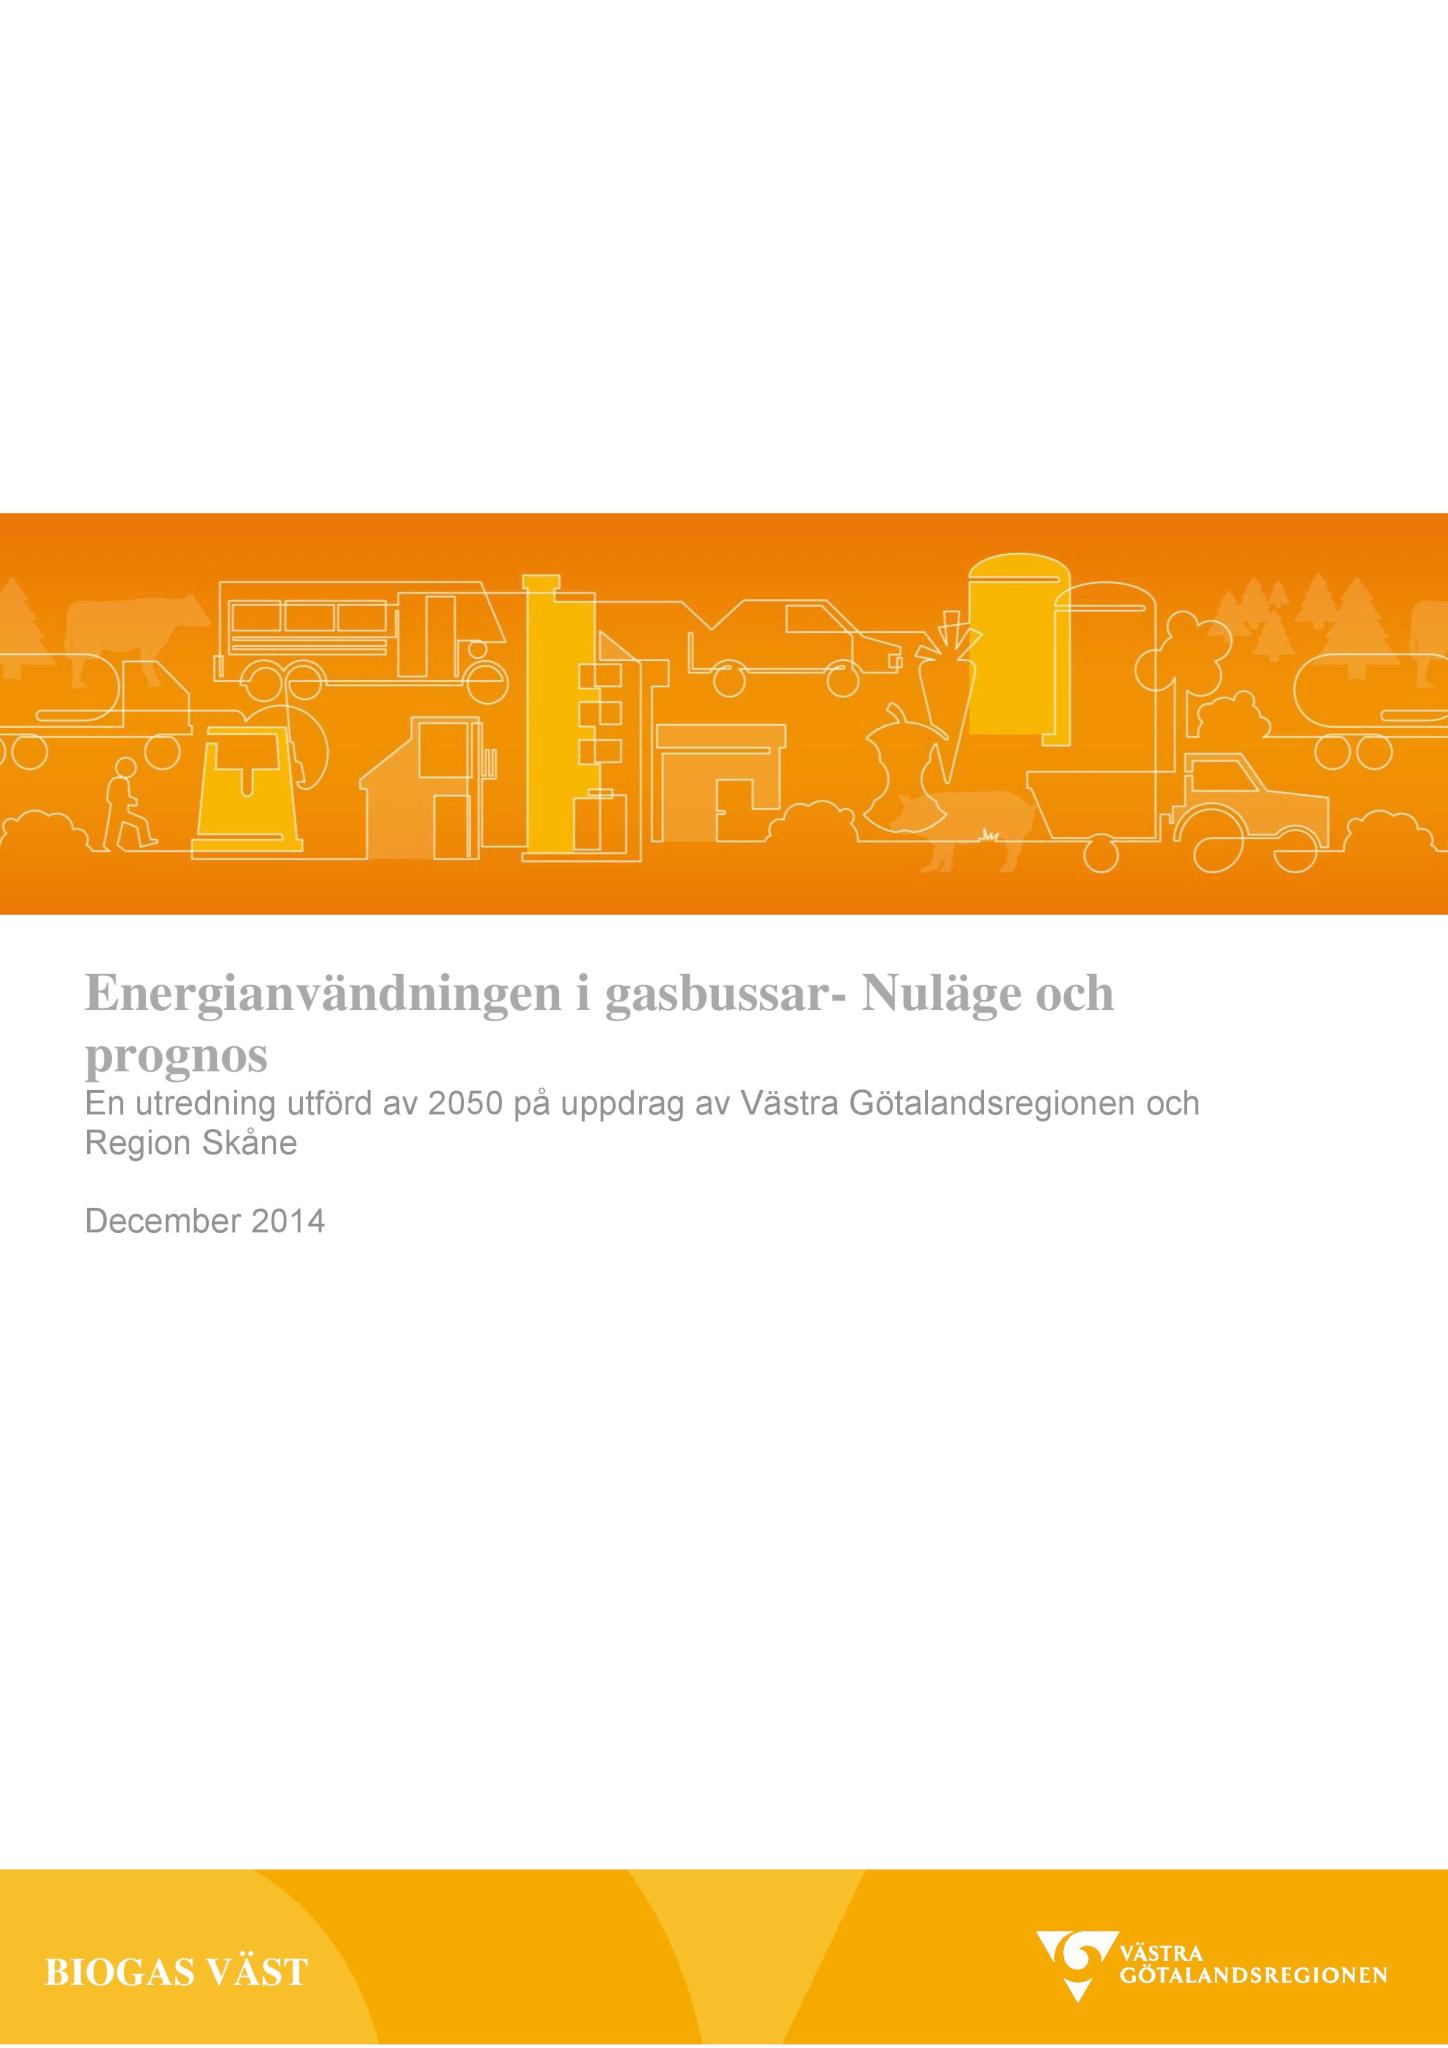 Energianvändningen i gasbussar- Nuläge och prognos